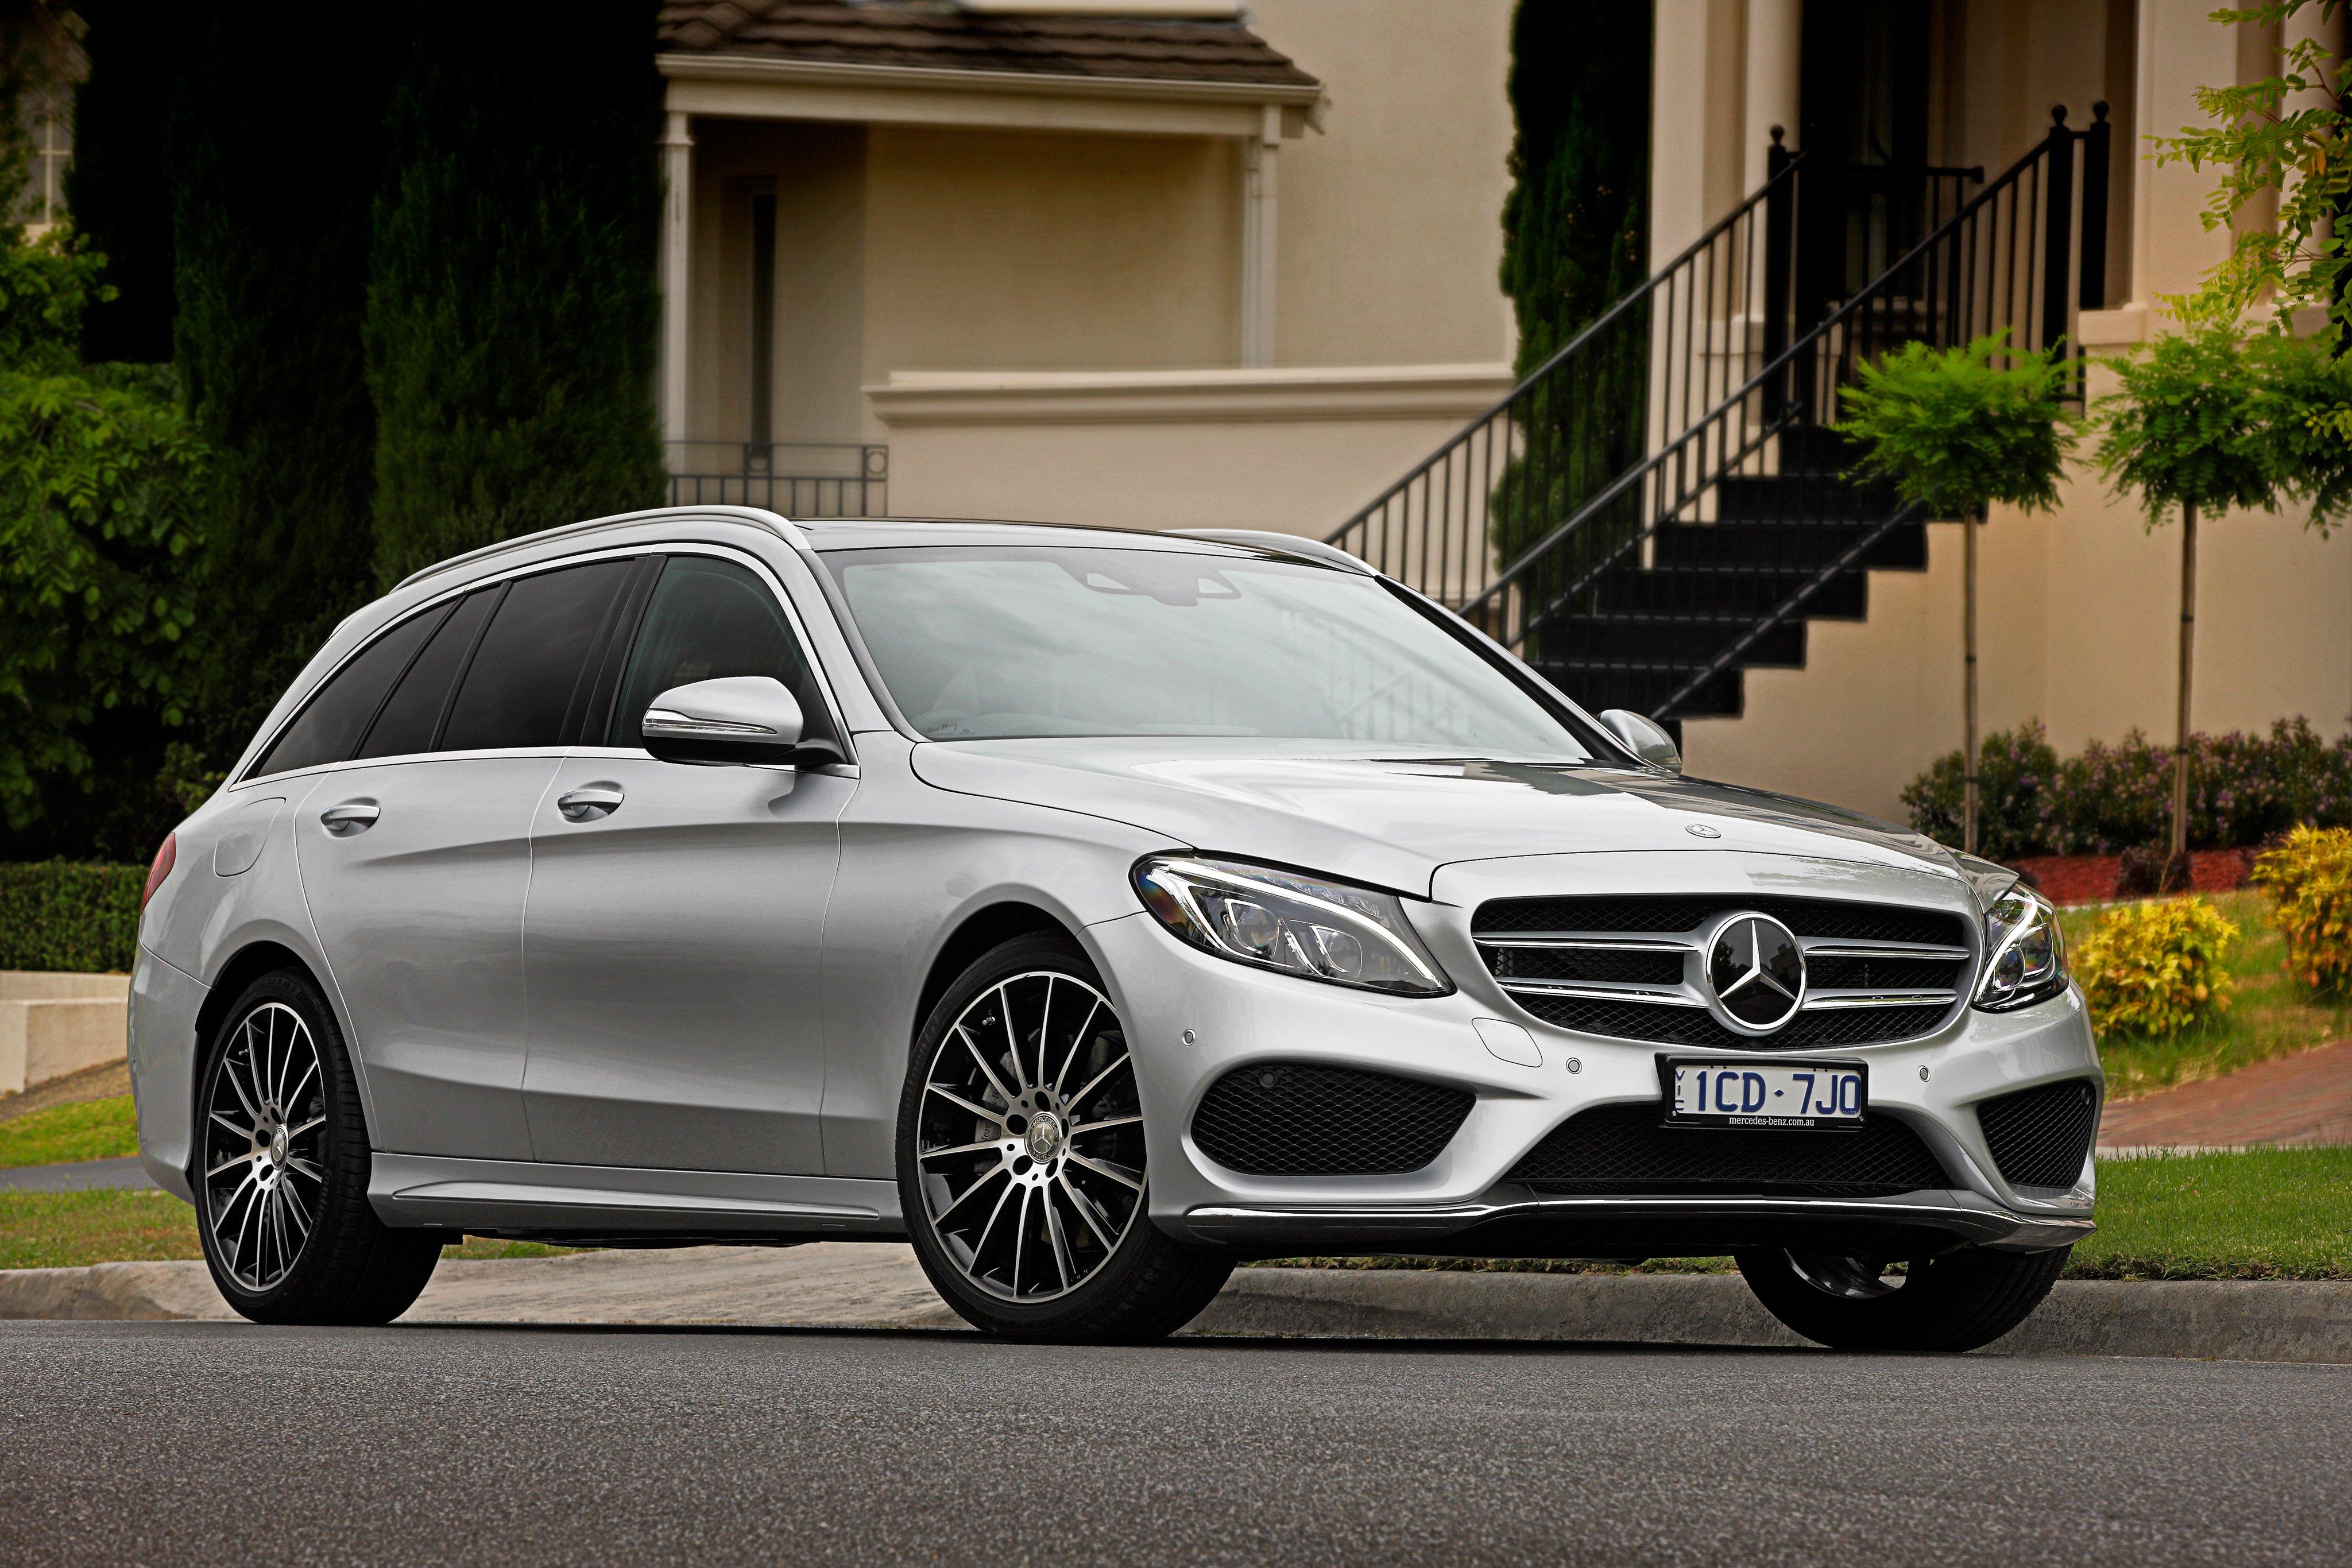 Mercedes c250 2015 au 2017 2018 best cars reviews for Mercedes benz c250 2017